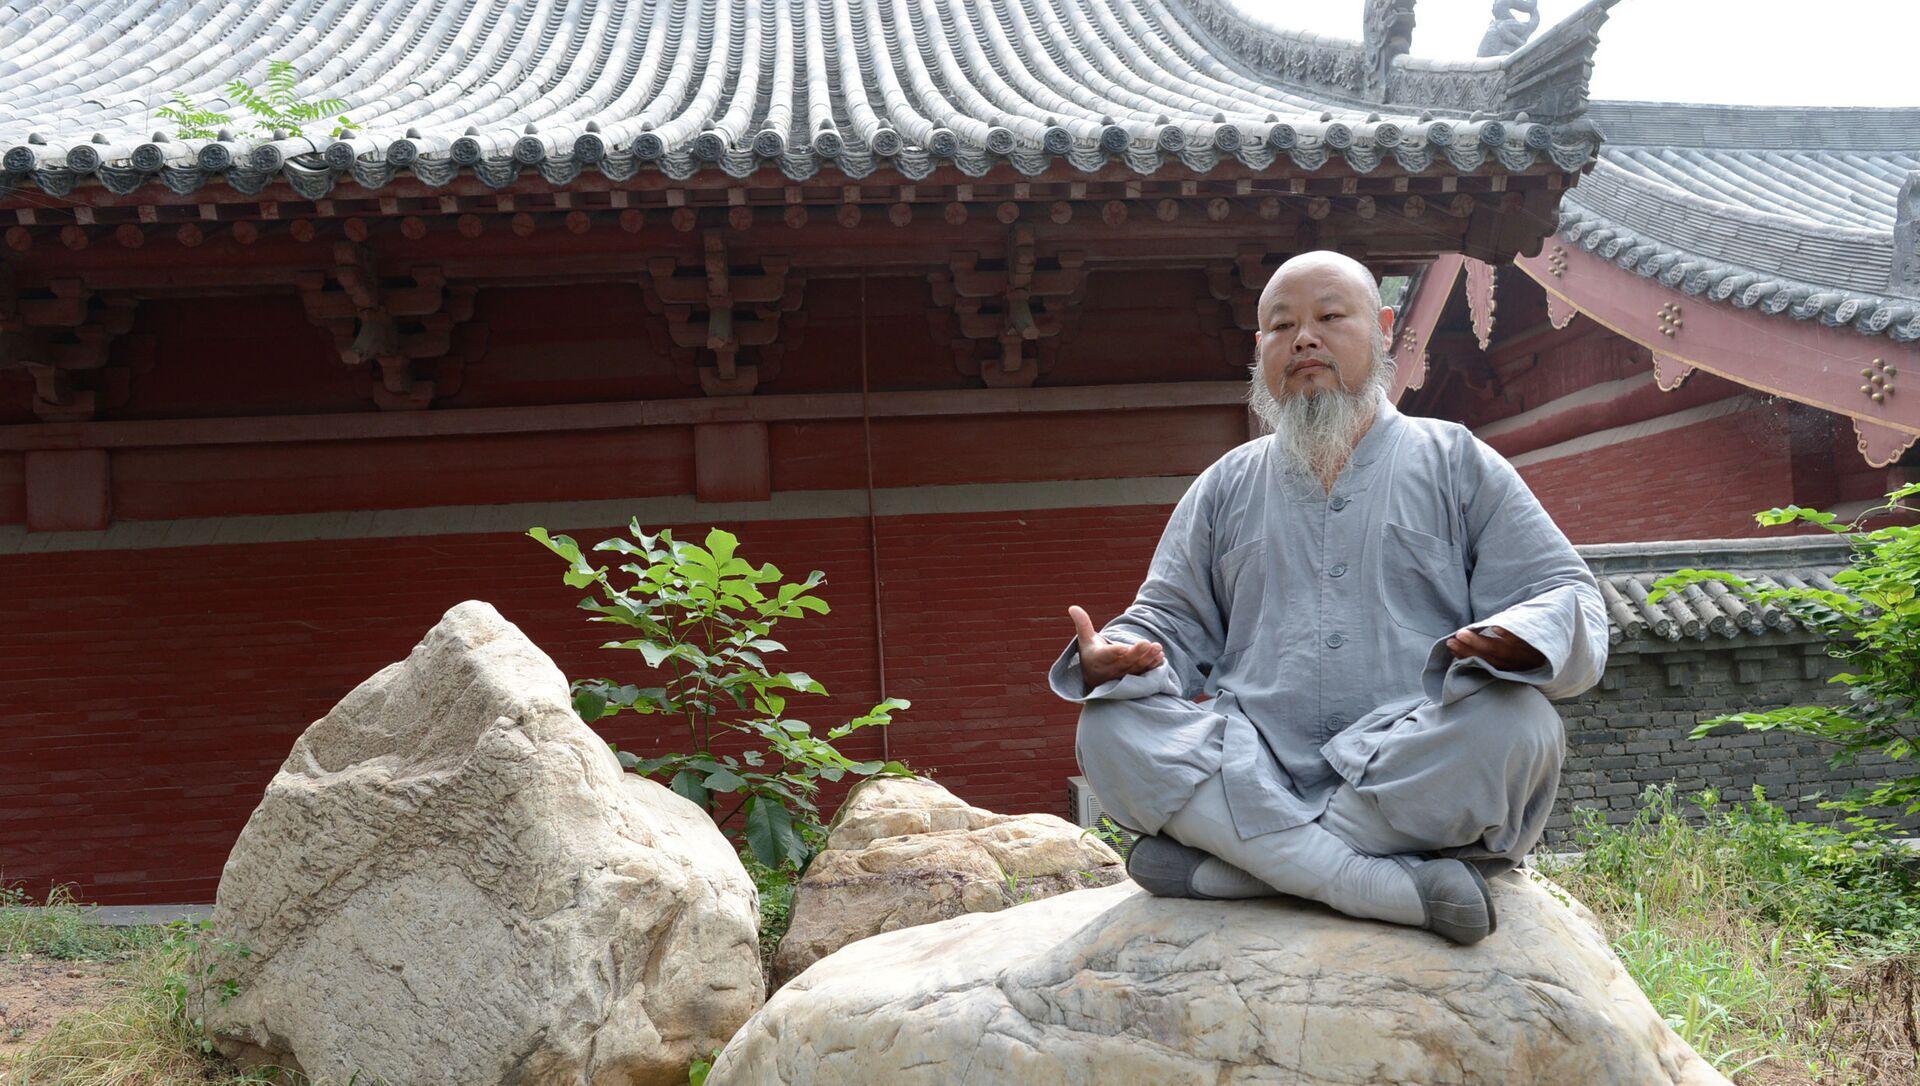 Tu viện Phật giáo Thiếu Lâm ở Trung Quốc - Sputnik Việt Nam, 1920, 07.05.2021